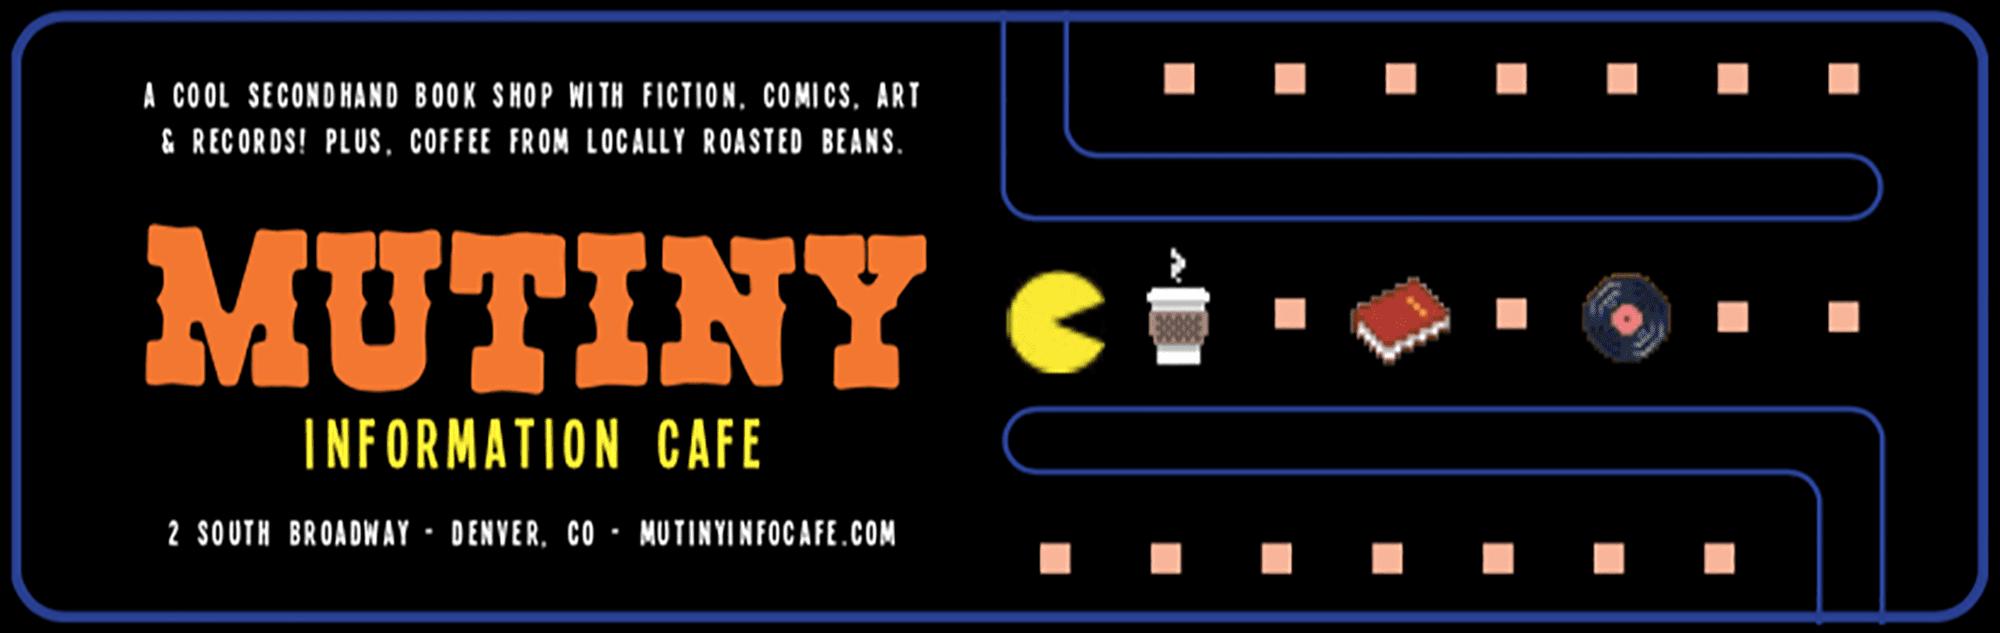 Mutiny Information Cafe